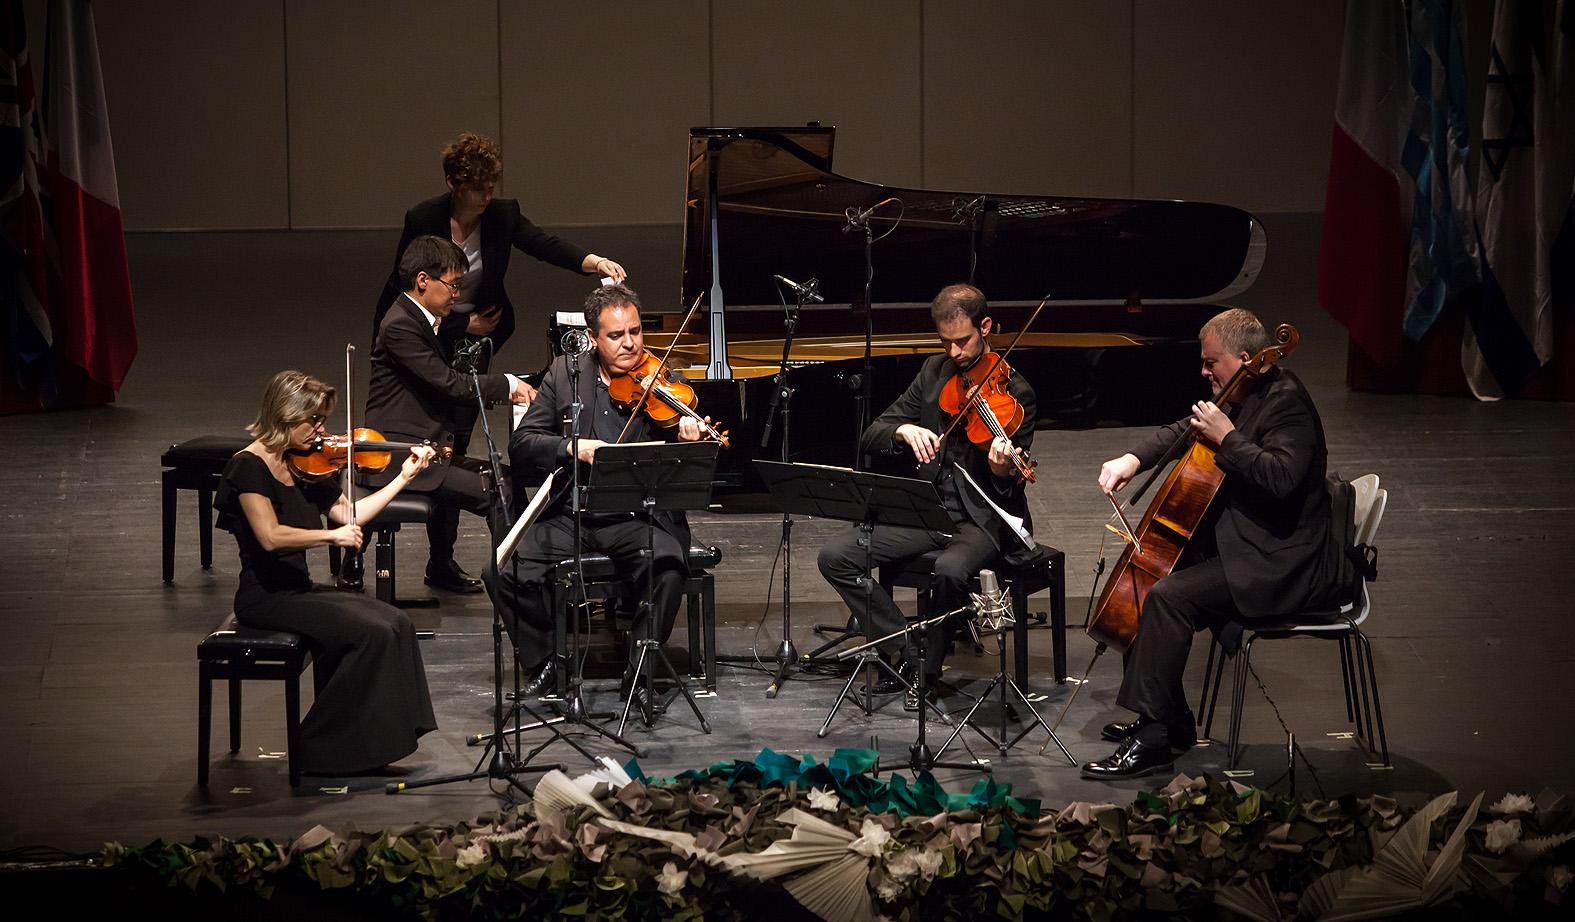 Alexander Koryakin / Rusia / En la semifinal con el Cuarteto Bretón